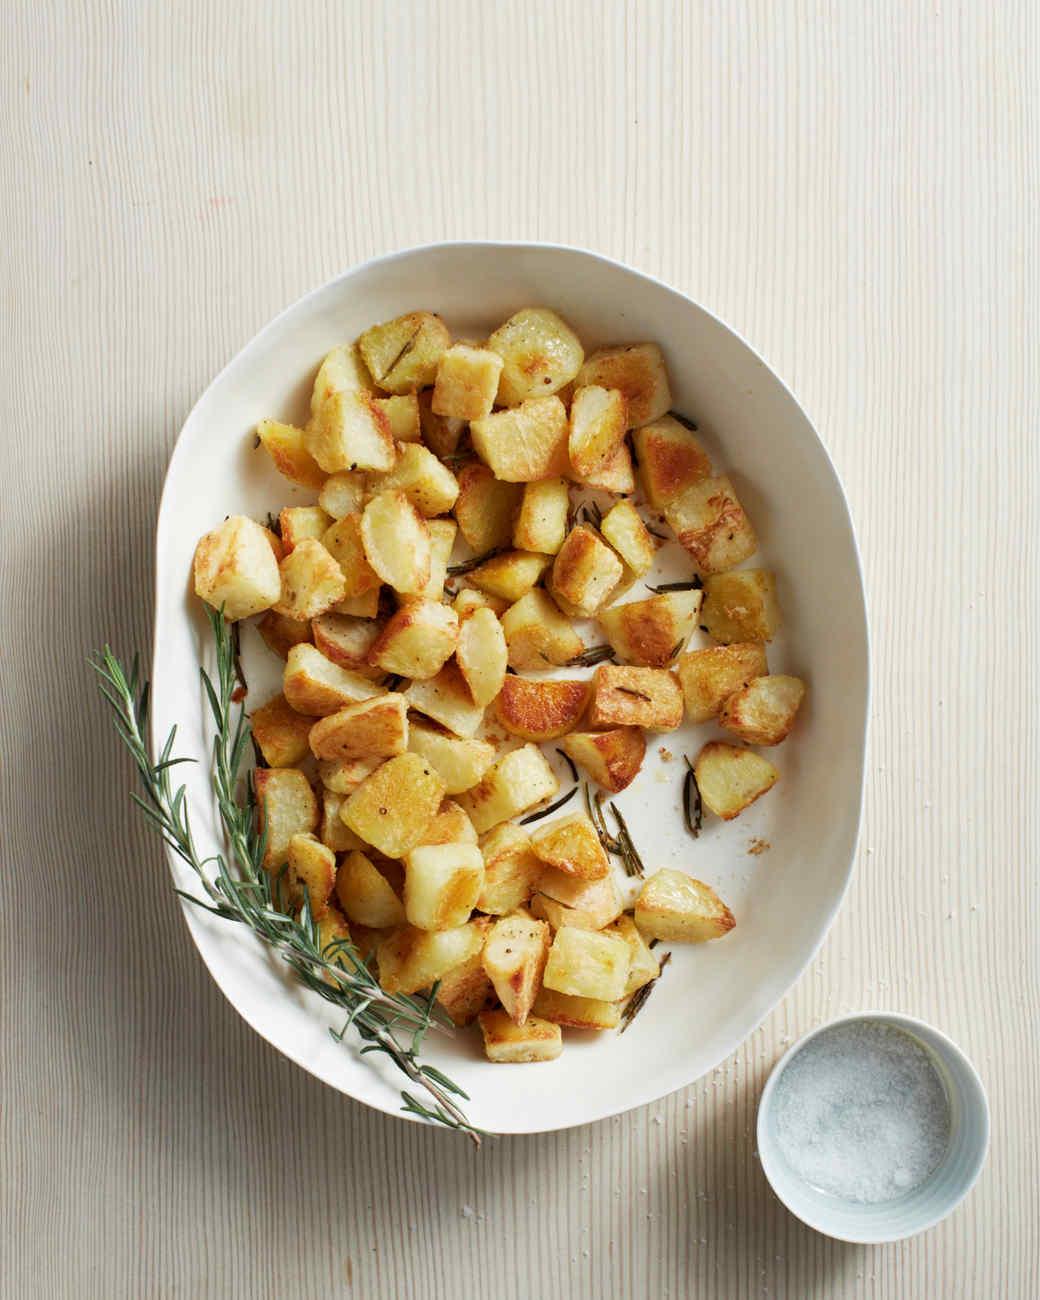 ld111000-potatoes-v2-0204-0414.jpg